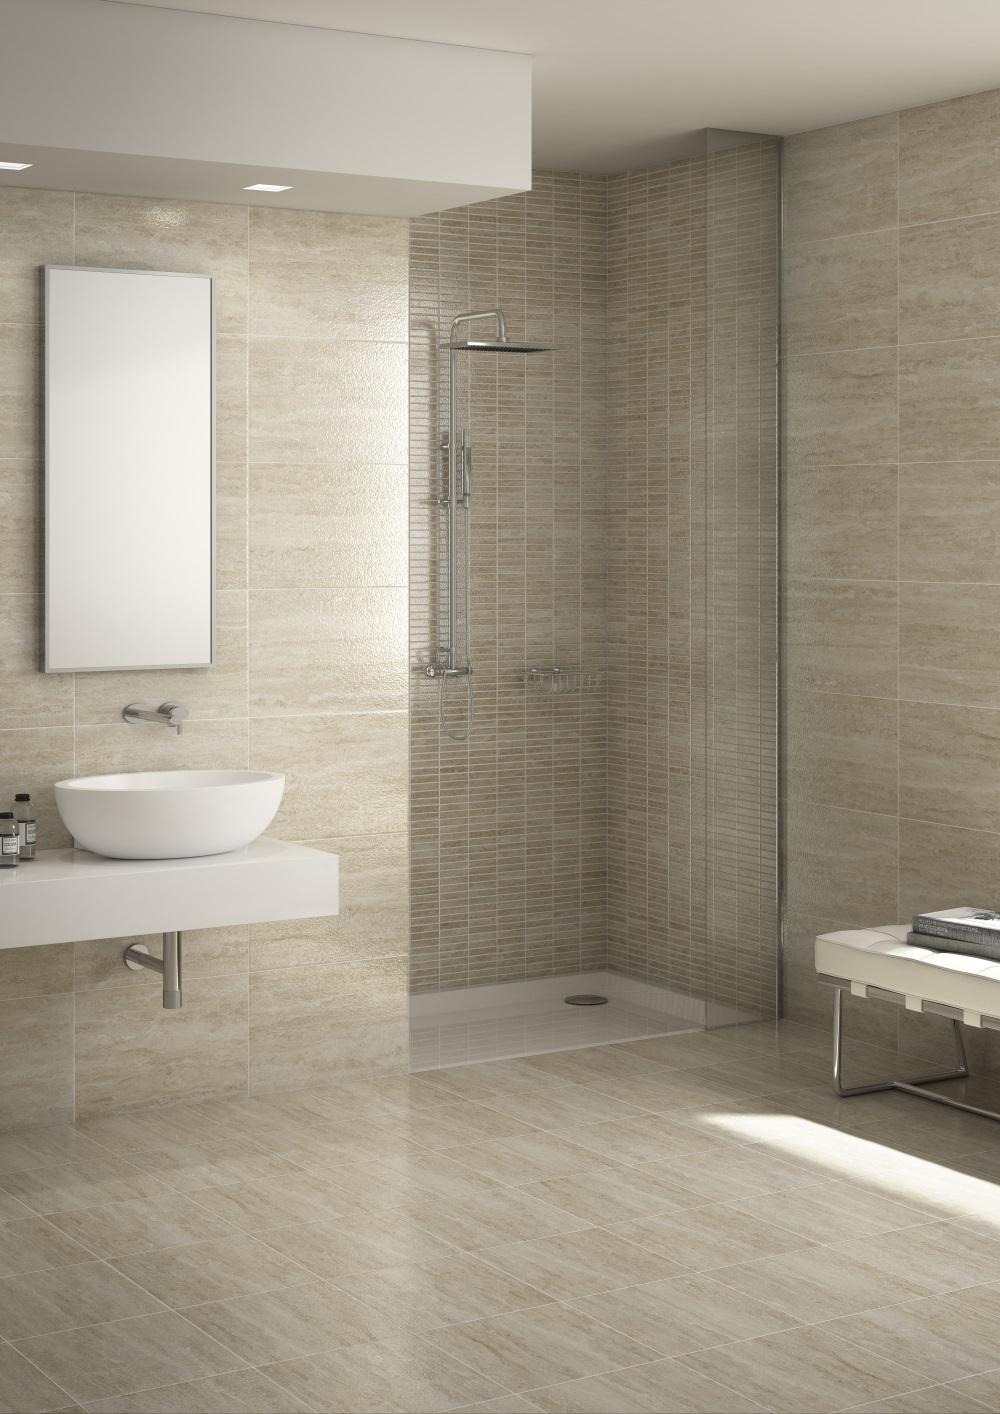 Ceramiche serra bathroom room settings - Cementina bagno ...